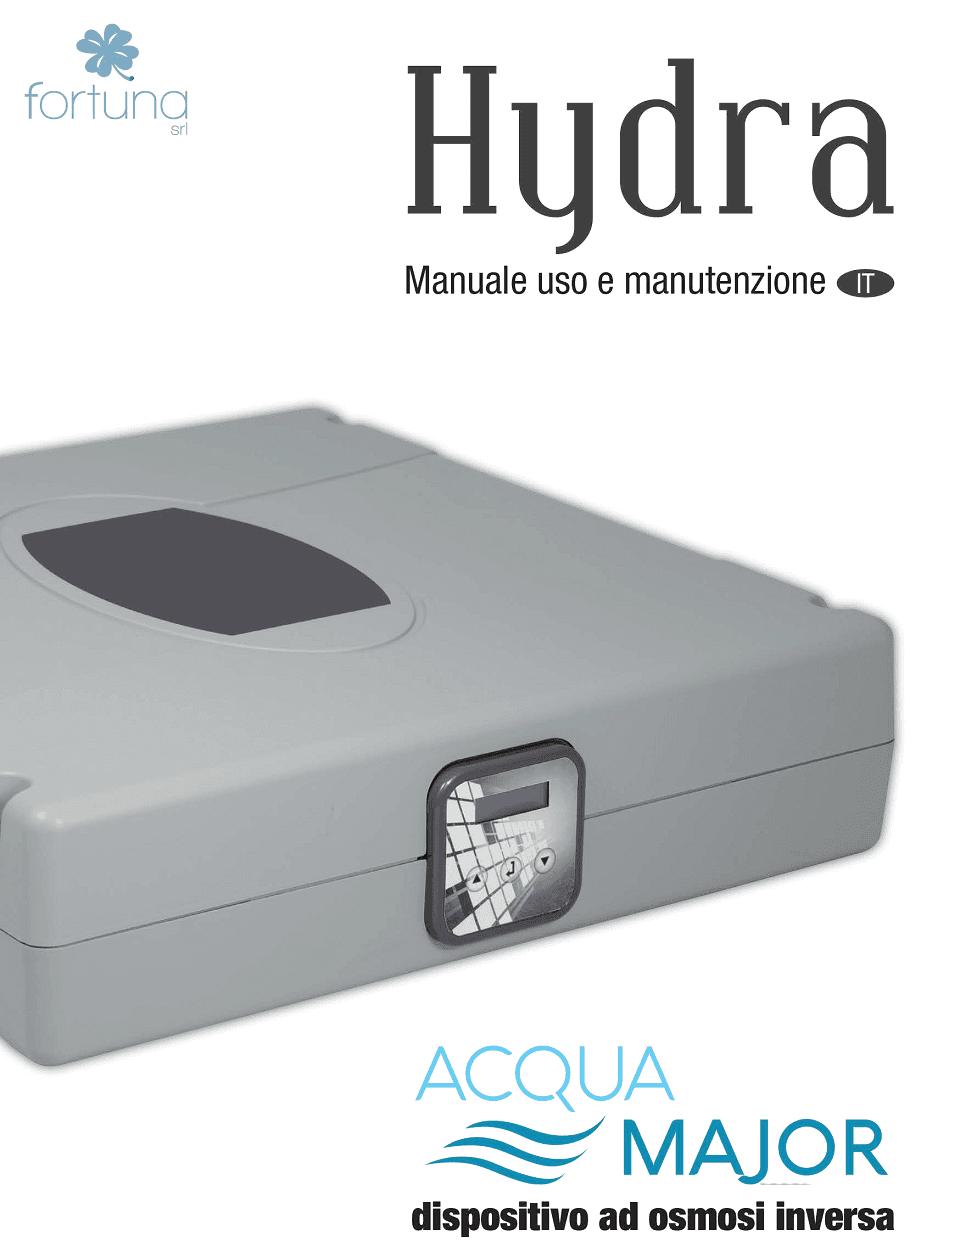 manuale d`uso e manutenzione dispositivo acqua major Hydra